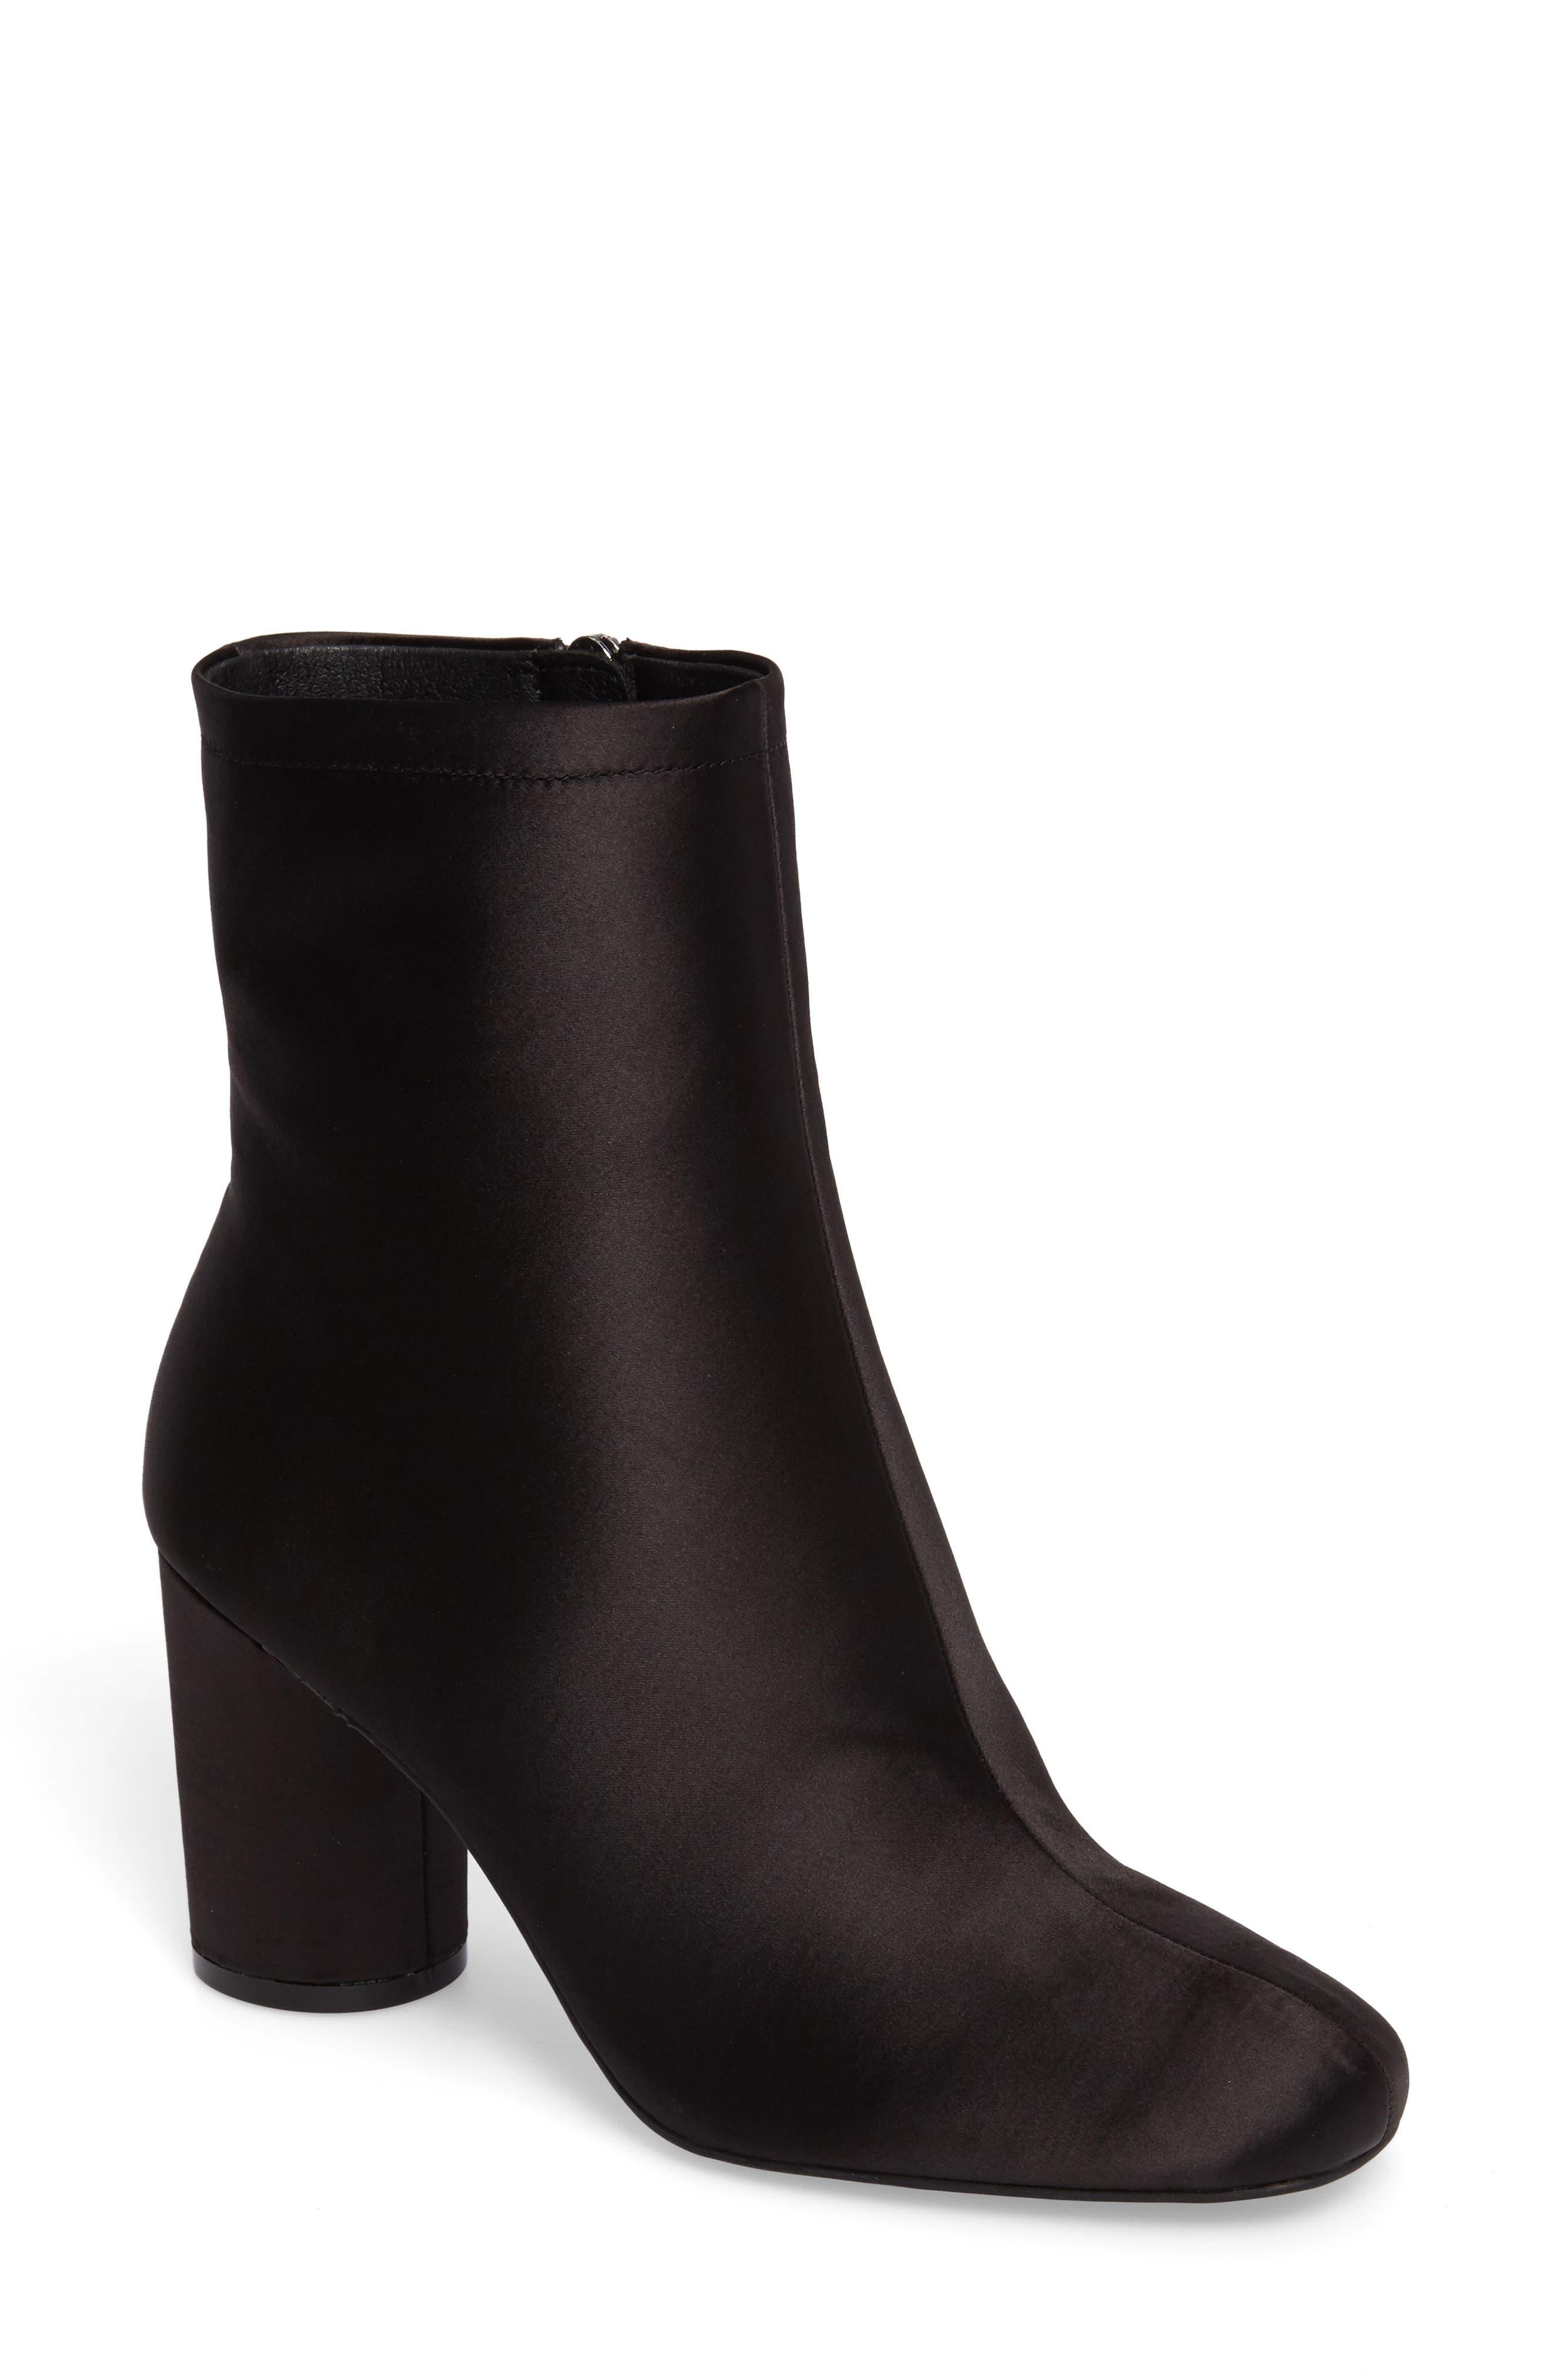 Merta Column Heel Bootie,                         Main,                         color, Black Satin